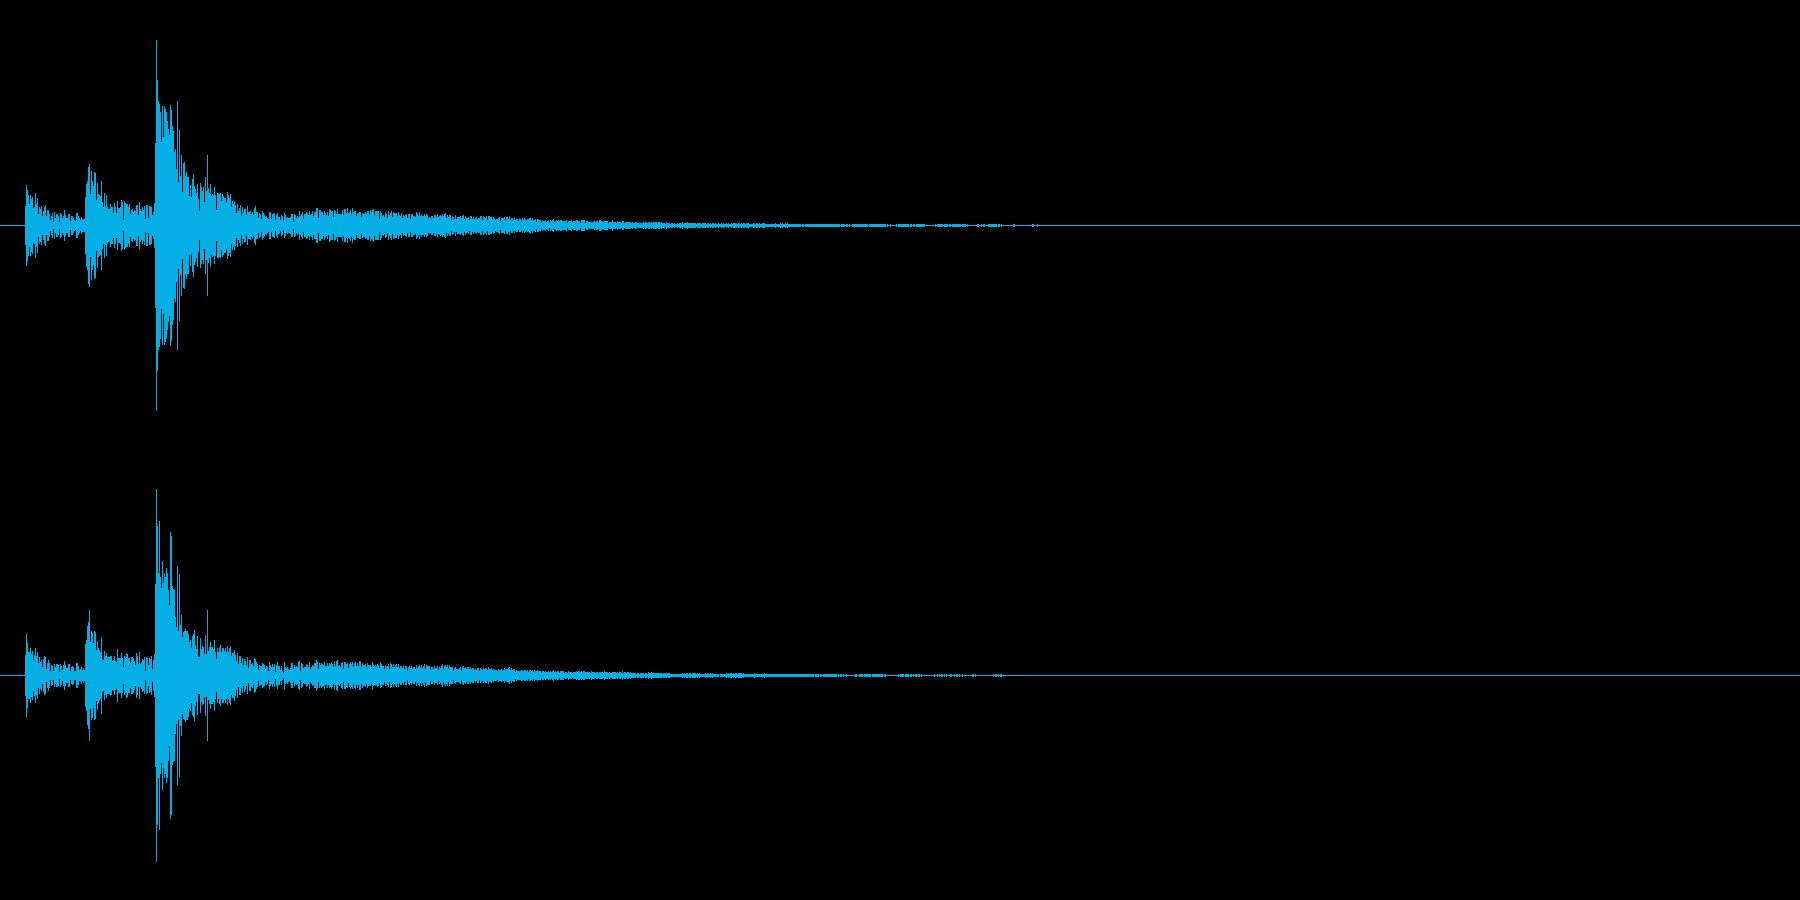 「トトトン」うちわ太皷の単発音+Fxの再生済みの波形